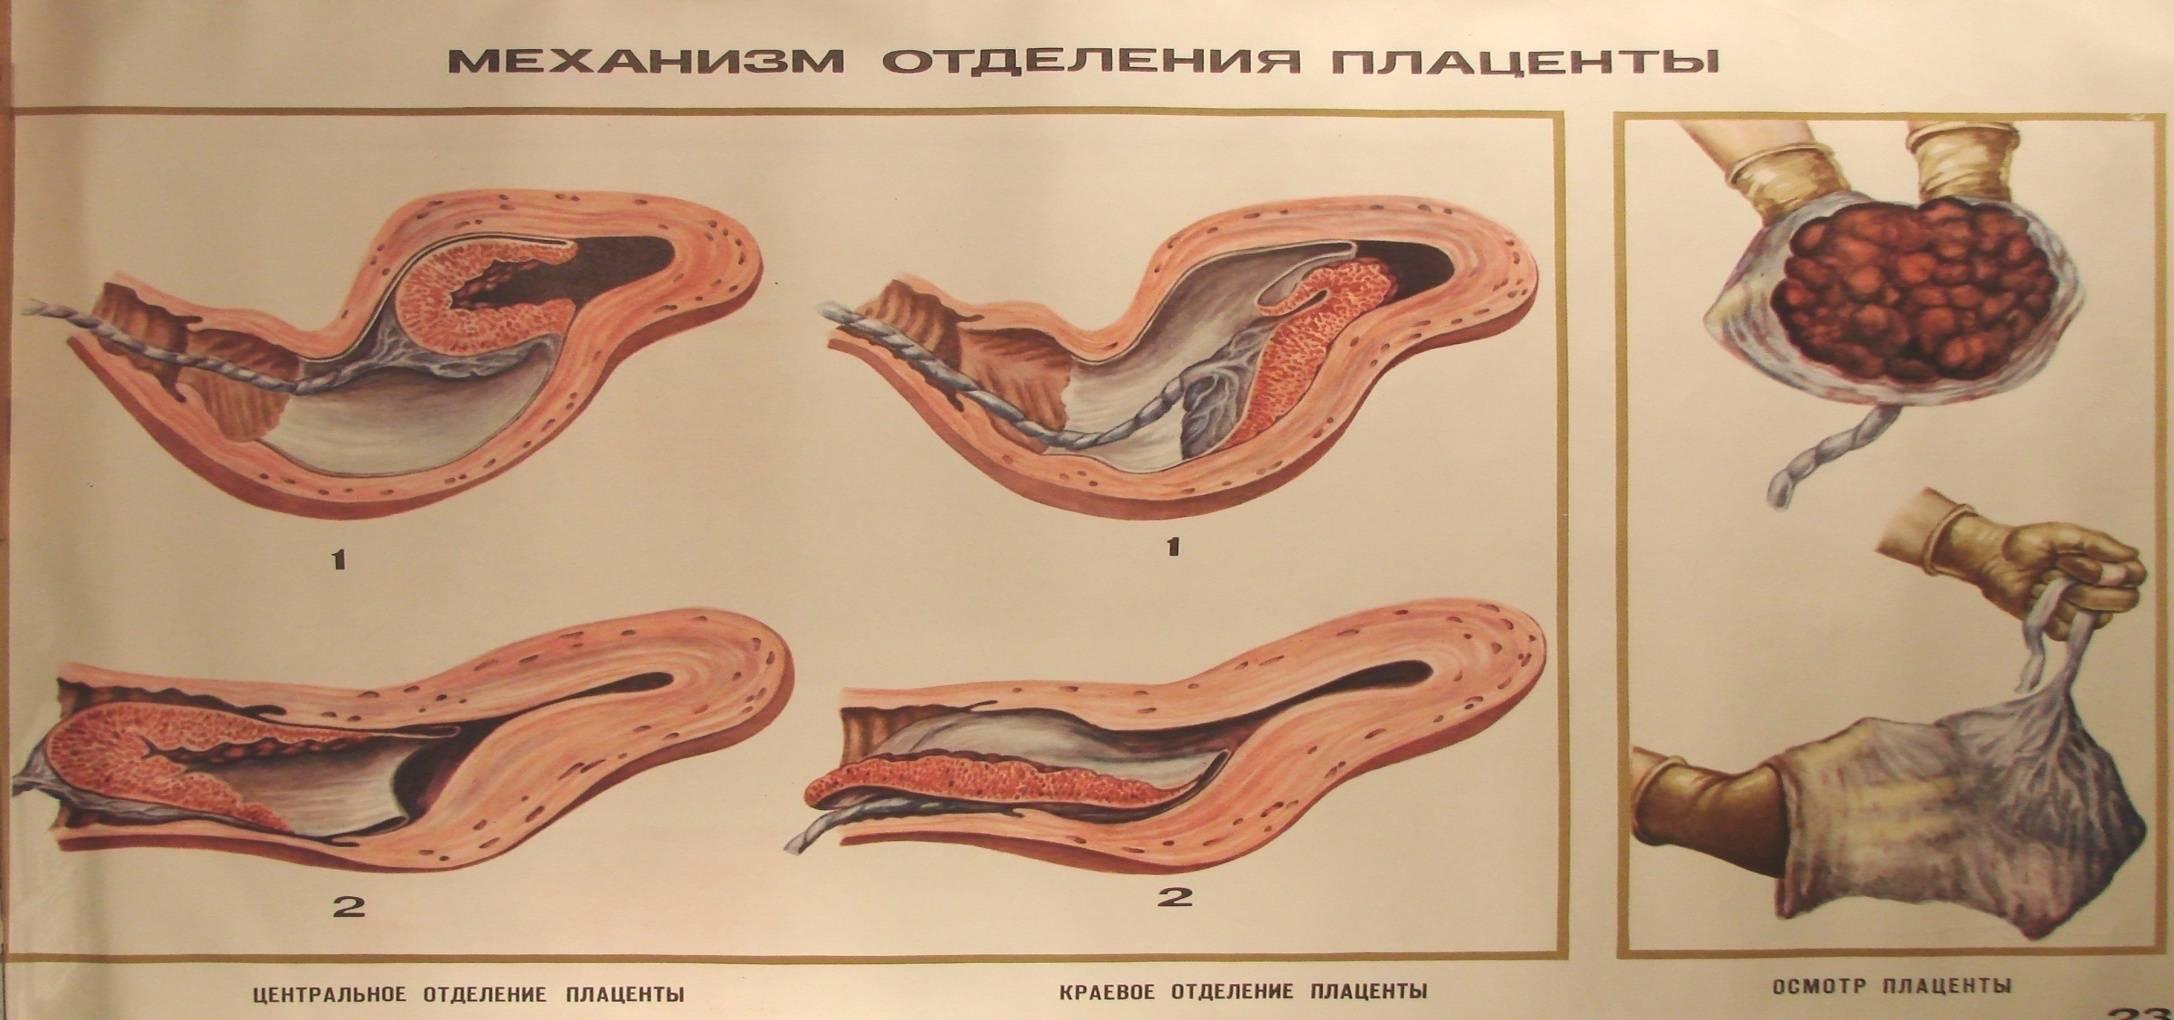 Кровянистые выделения после родов, через месяц после родов